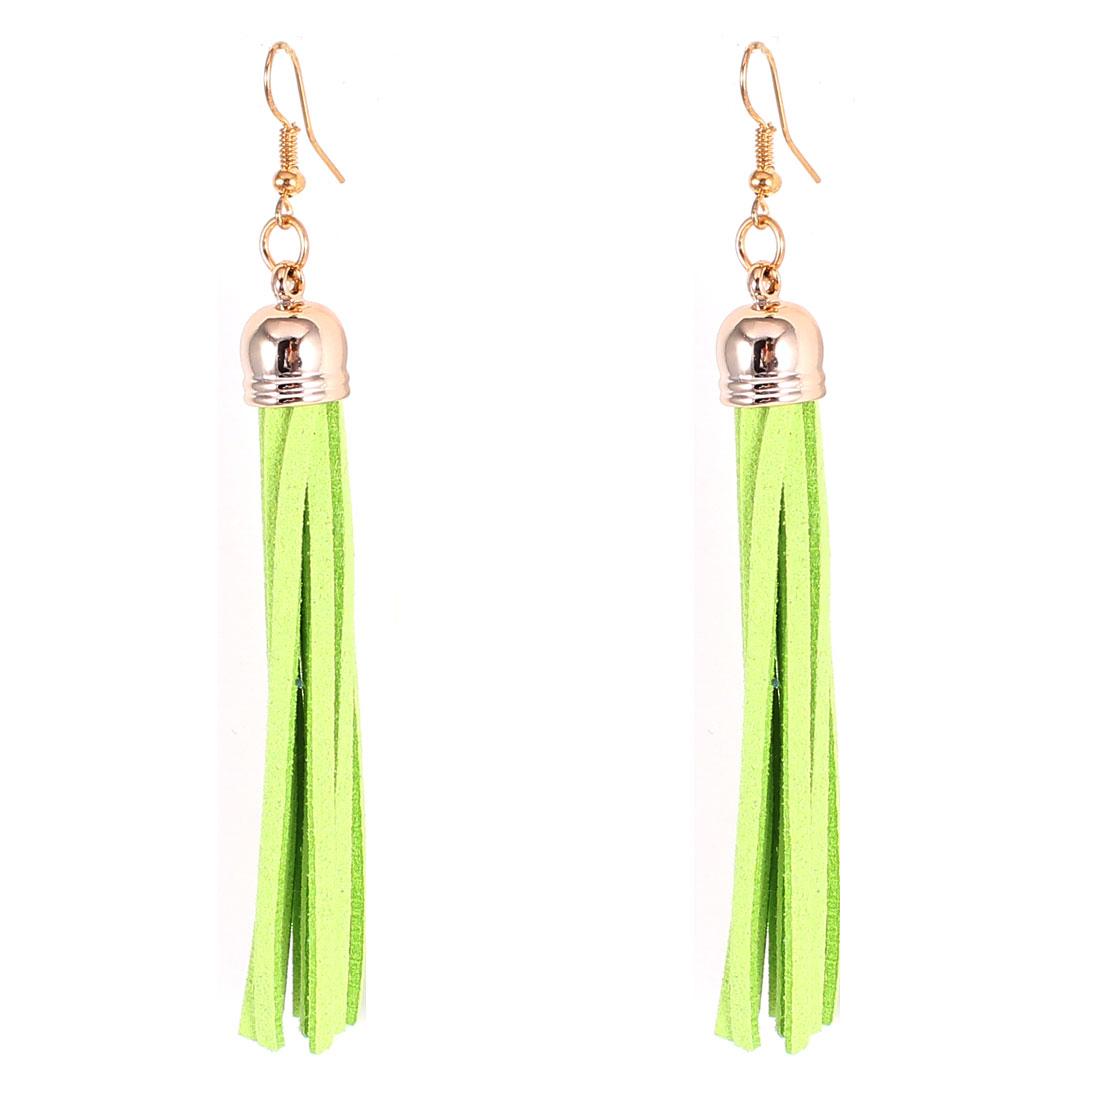 Pair Light Green Felt Tassel Dangle Fish Hook Eardrop Ear Decoration Earrings for Lady